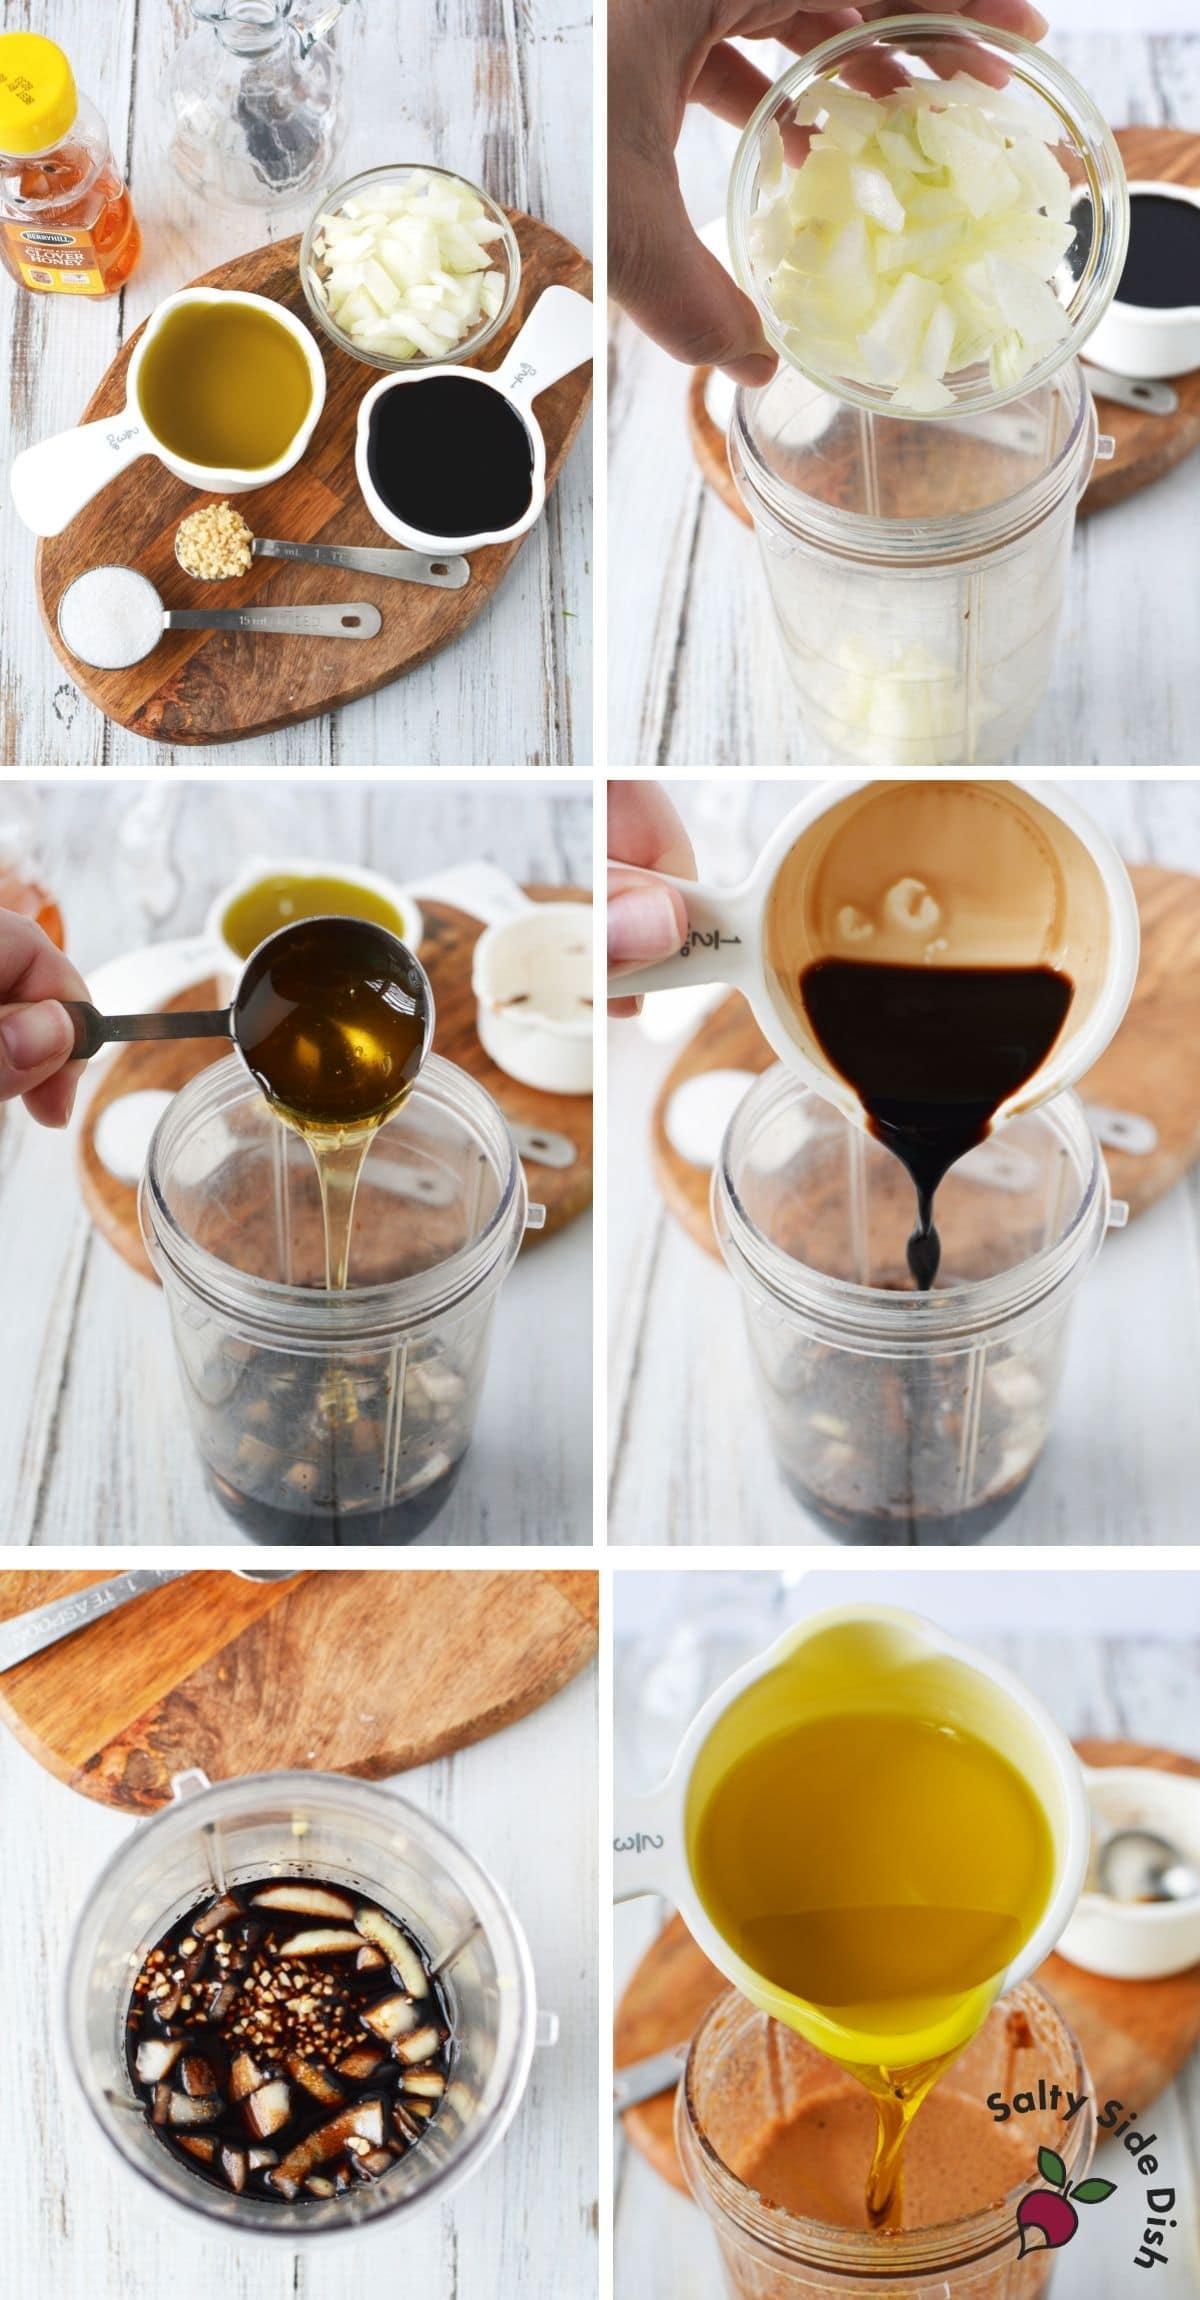 Honey balsamic vinaigrette being made in a blender